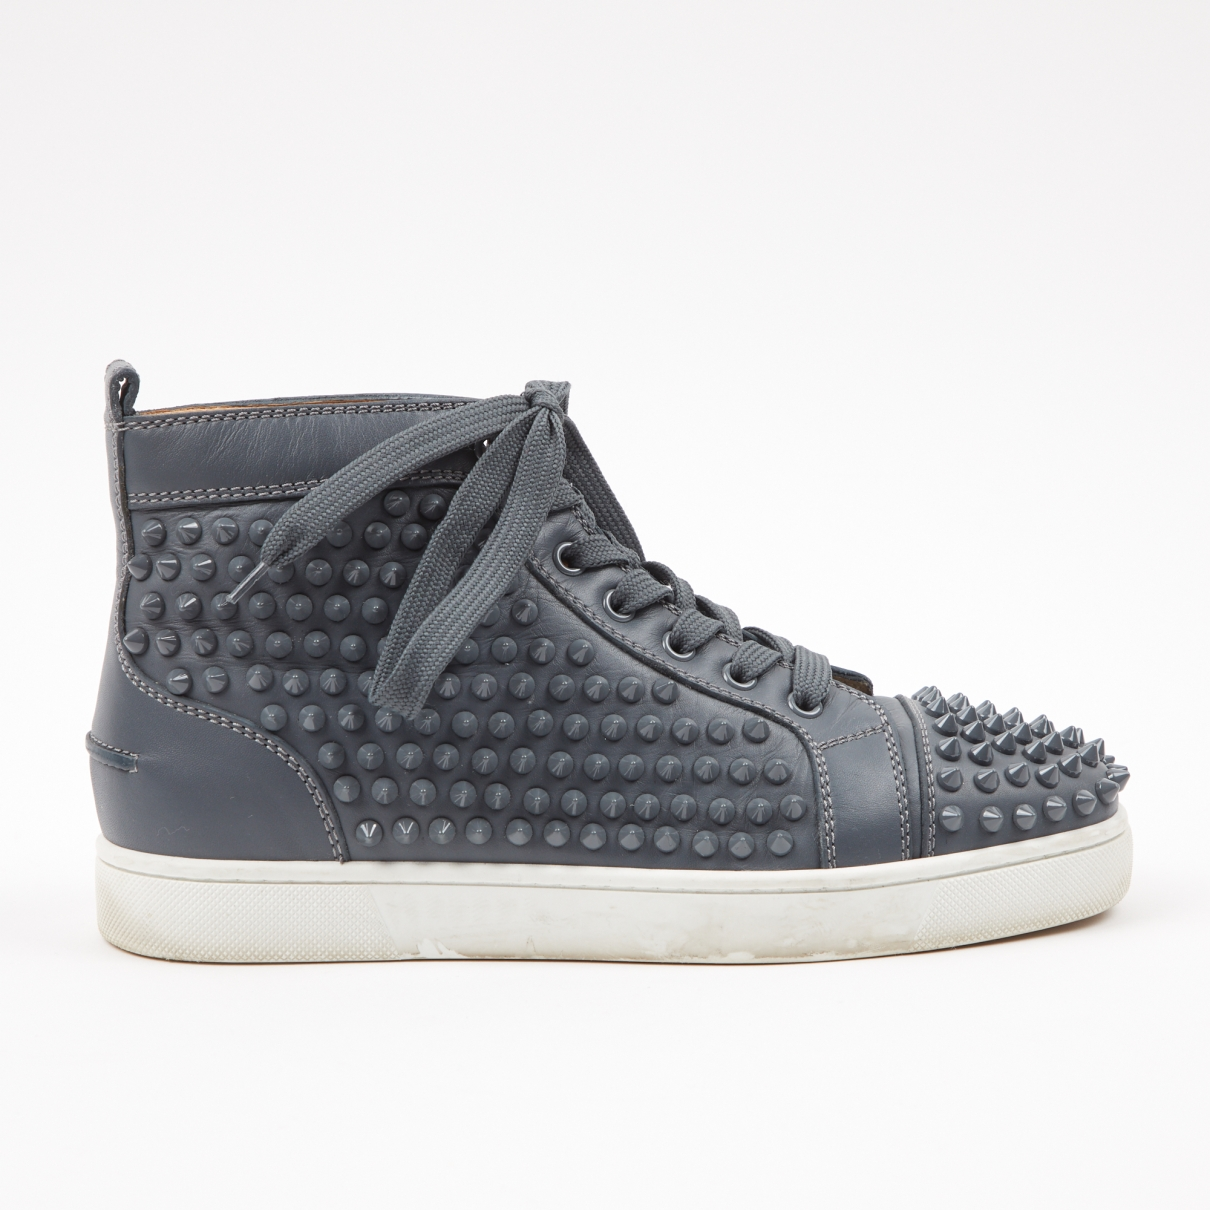 Christian Louboutin - Baskets   pour homme en cuir - gris